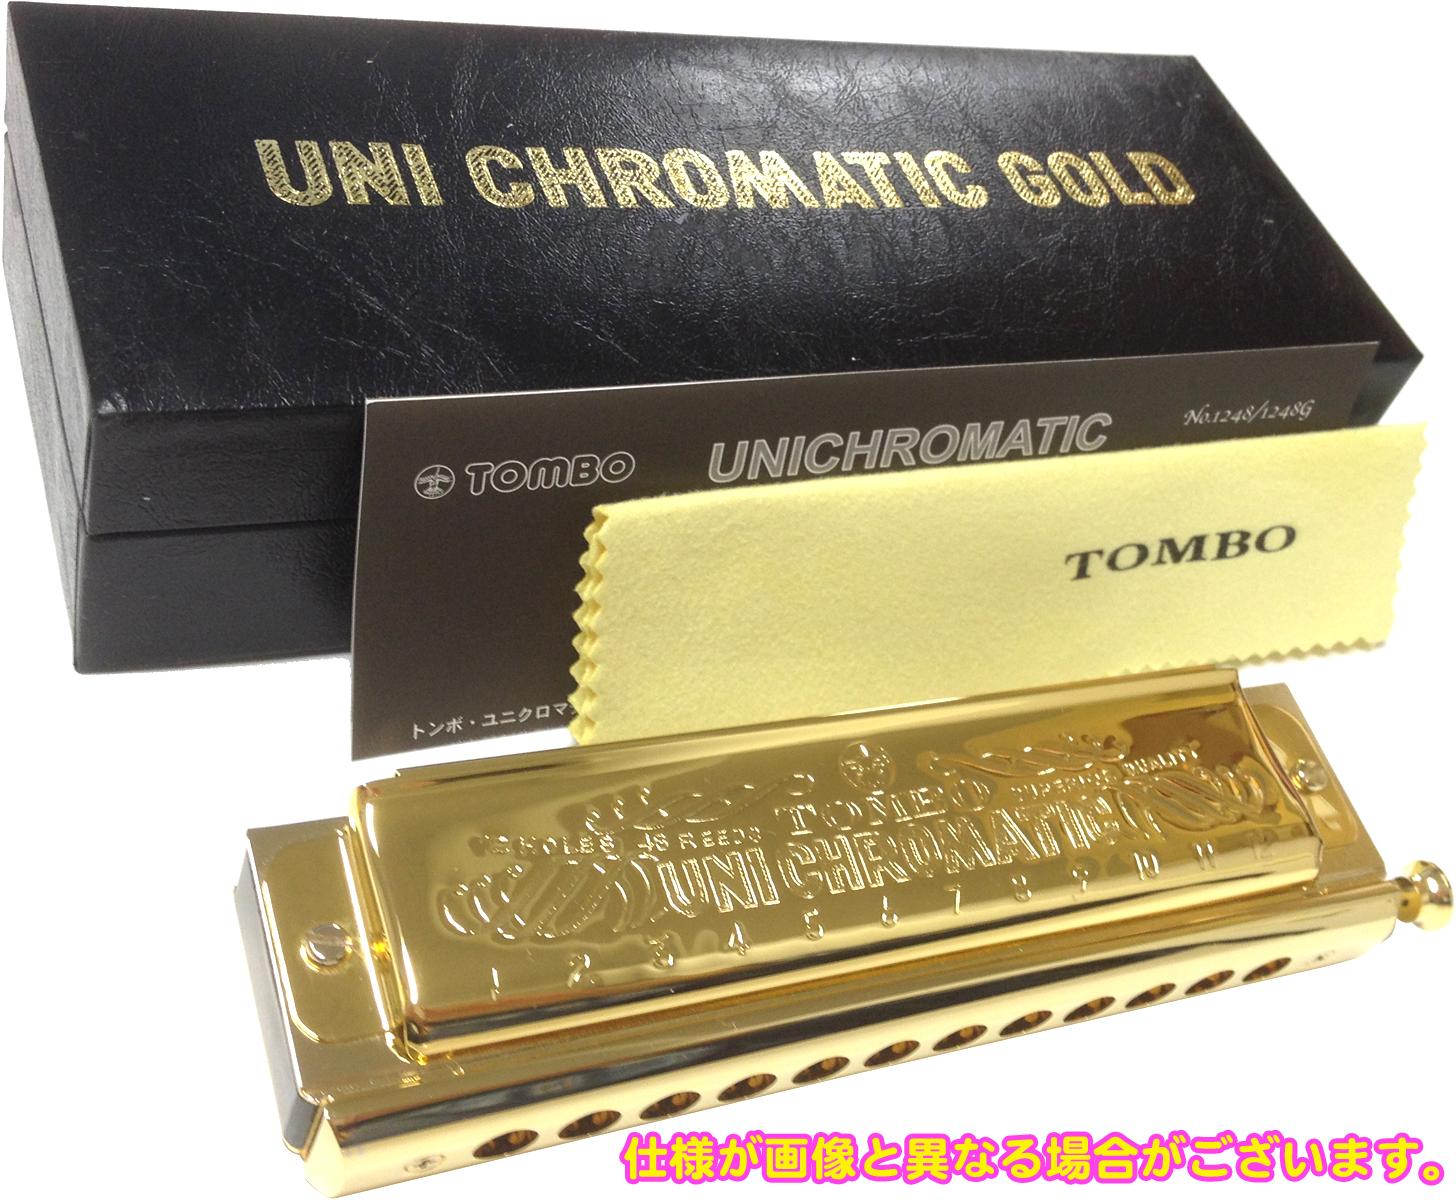 TOMBO ( トンボ ) クロマチックハーモニカ ユニ・クロマチック ゴールド No.1248SG 12穴 3オクターブ 樹脂ボディー スライド式 ハーモニカ リード 楽器 C調 送料無料